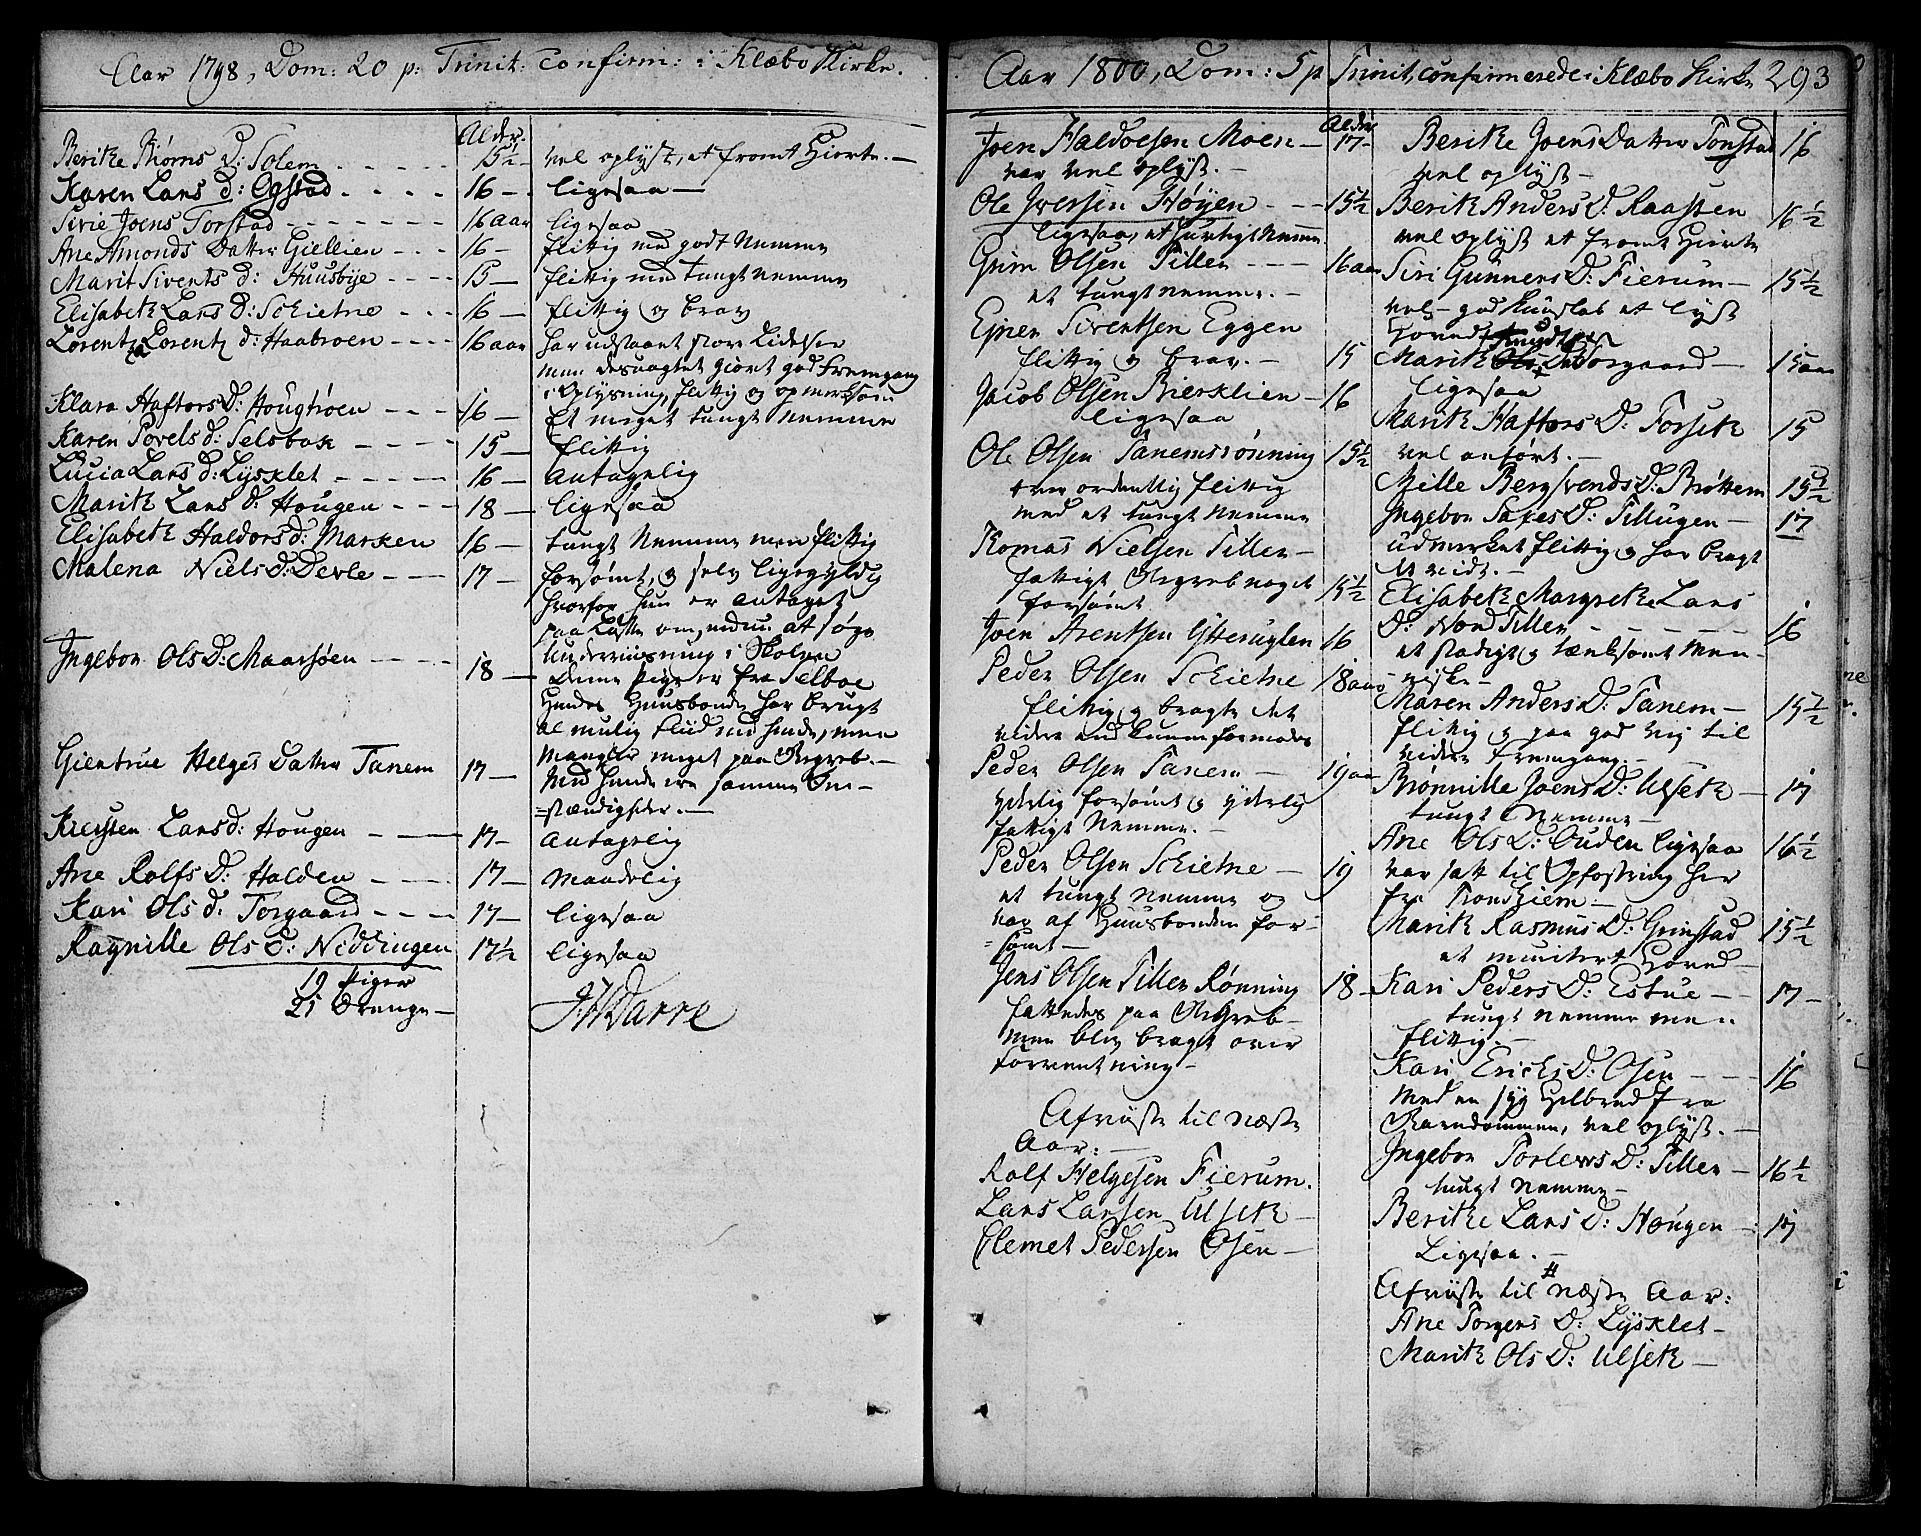 SAT, Ministerialprotokoller, klokkerbøker og fødselsregistre - Sør-Trøndelag, 618/L0438: Ministerialbok nr. 618A03, 1783-1815, s. 293